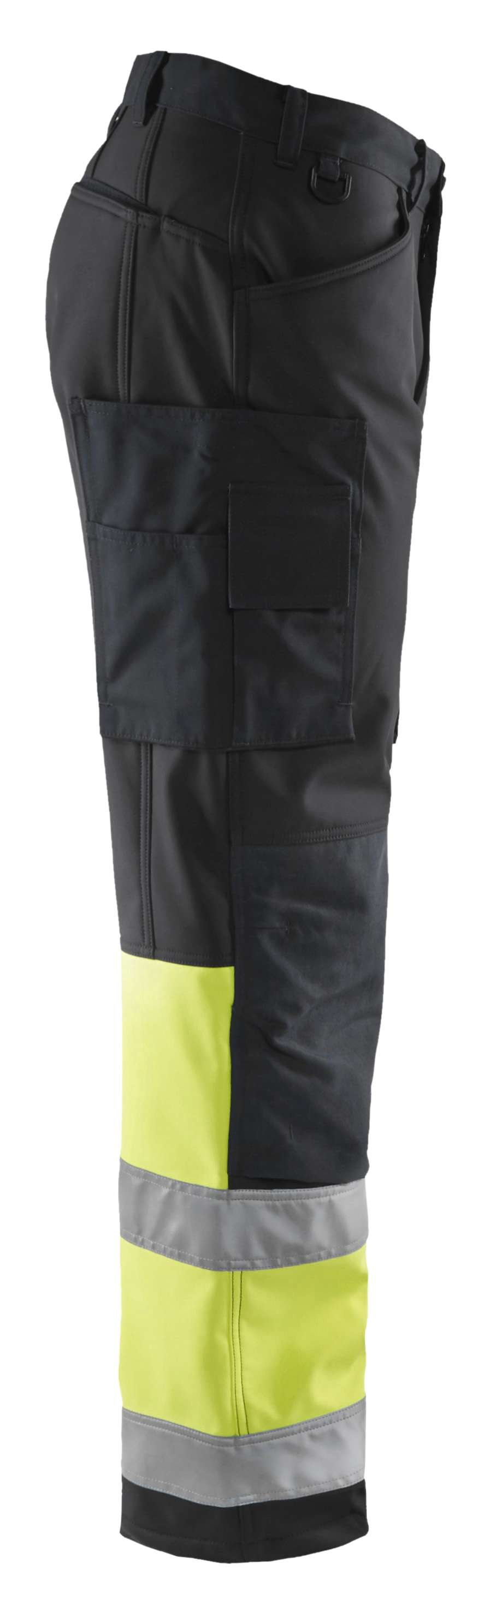 Blaklader Softshell werkbroeken 15622517 High Vis zwart-geel(9933)